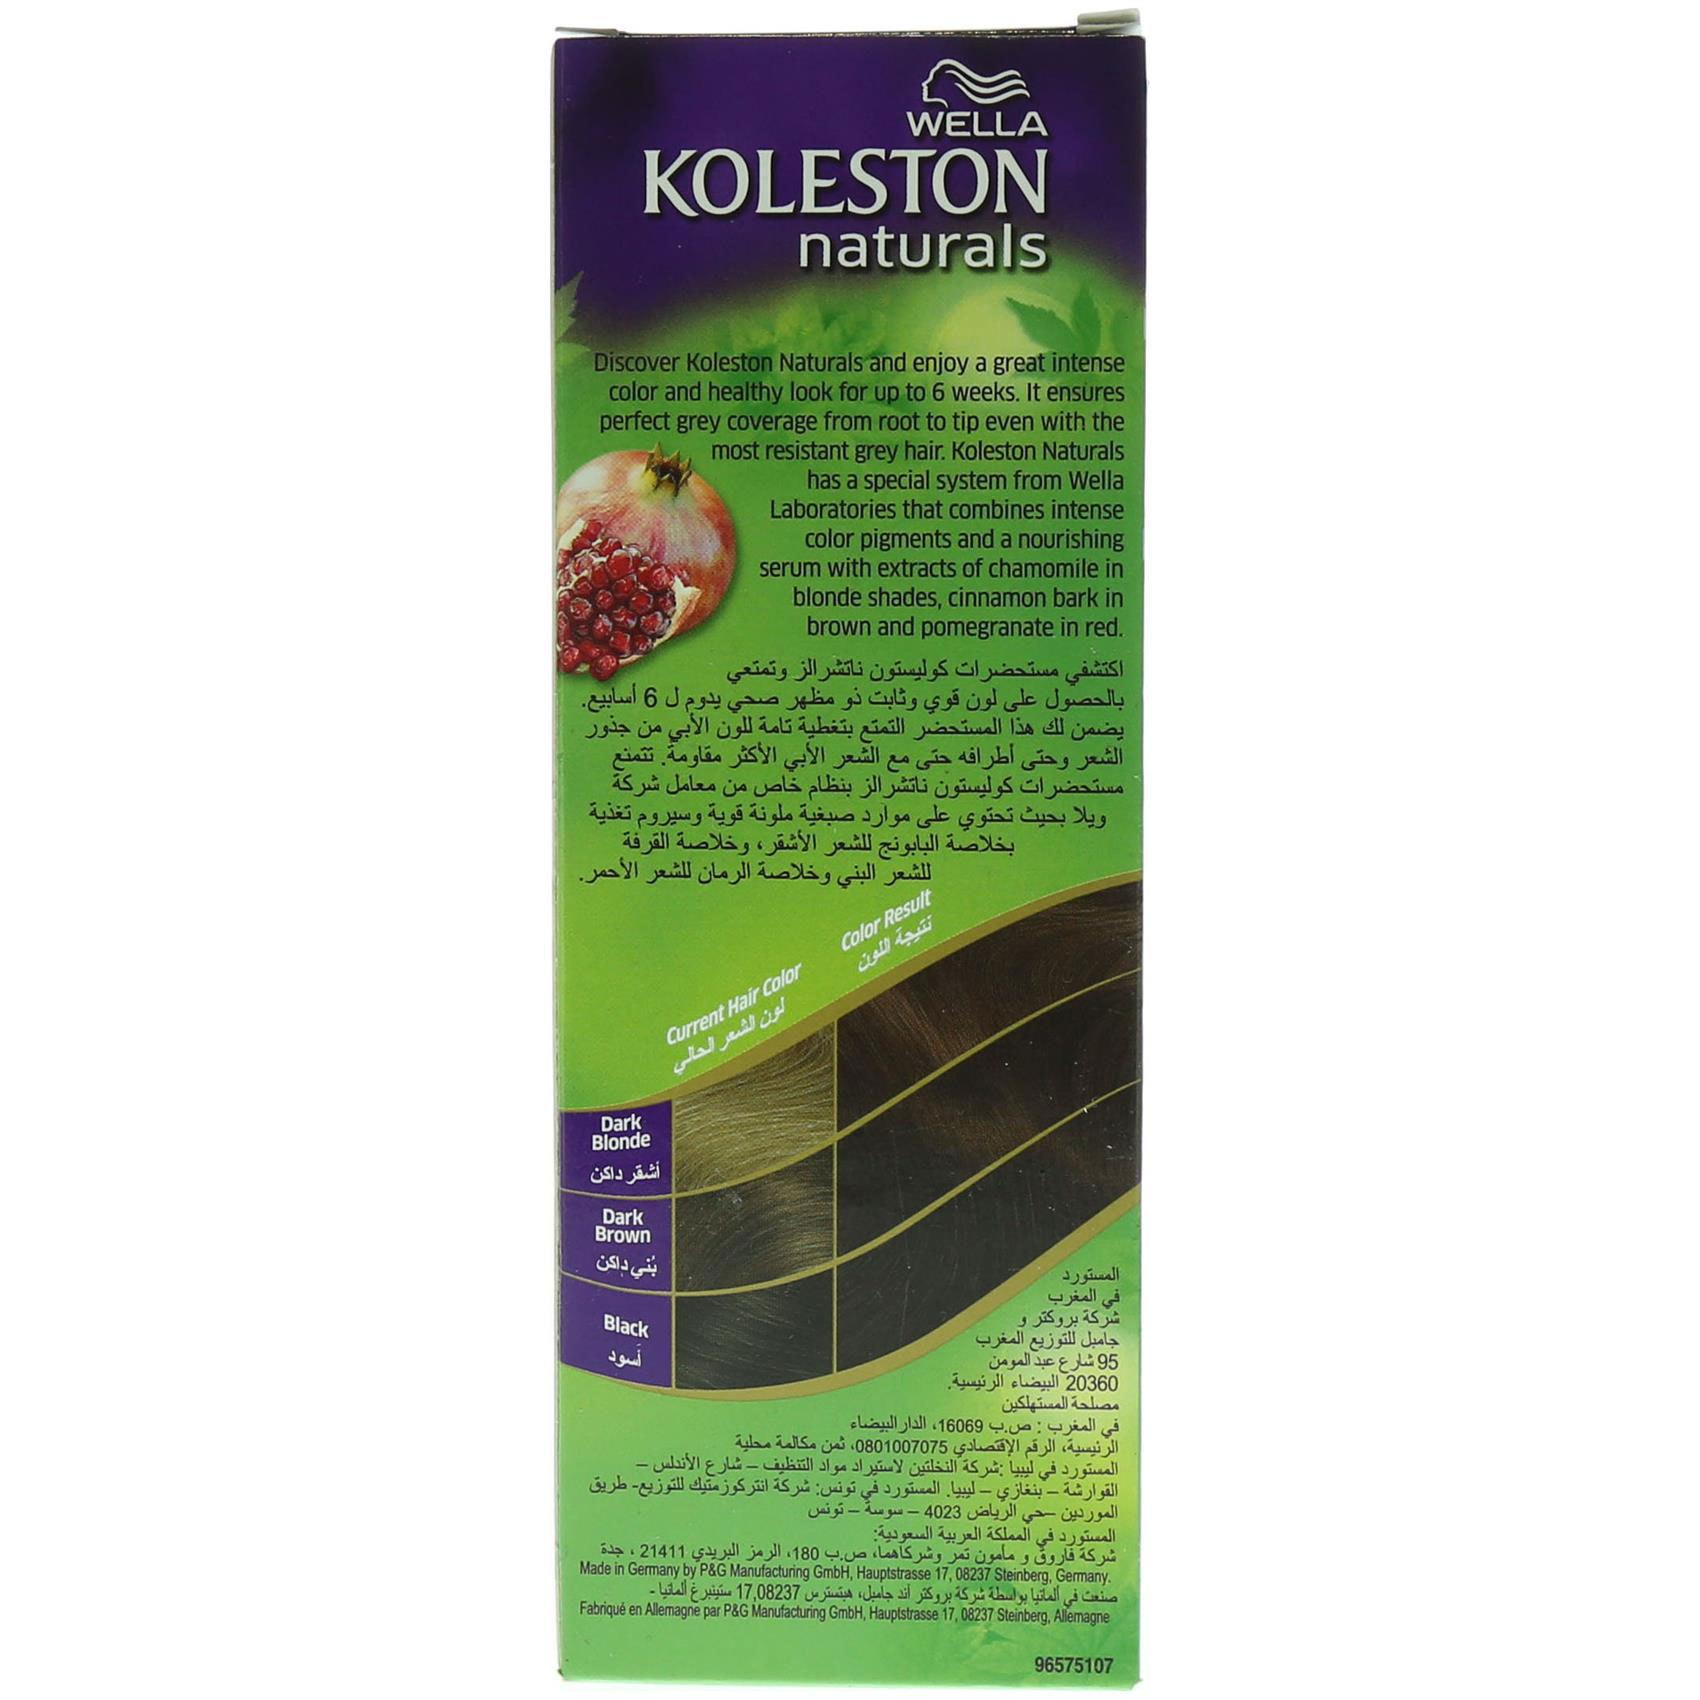 KOLESTON NAT 3/4 DARK CHESTNUT